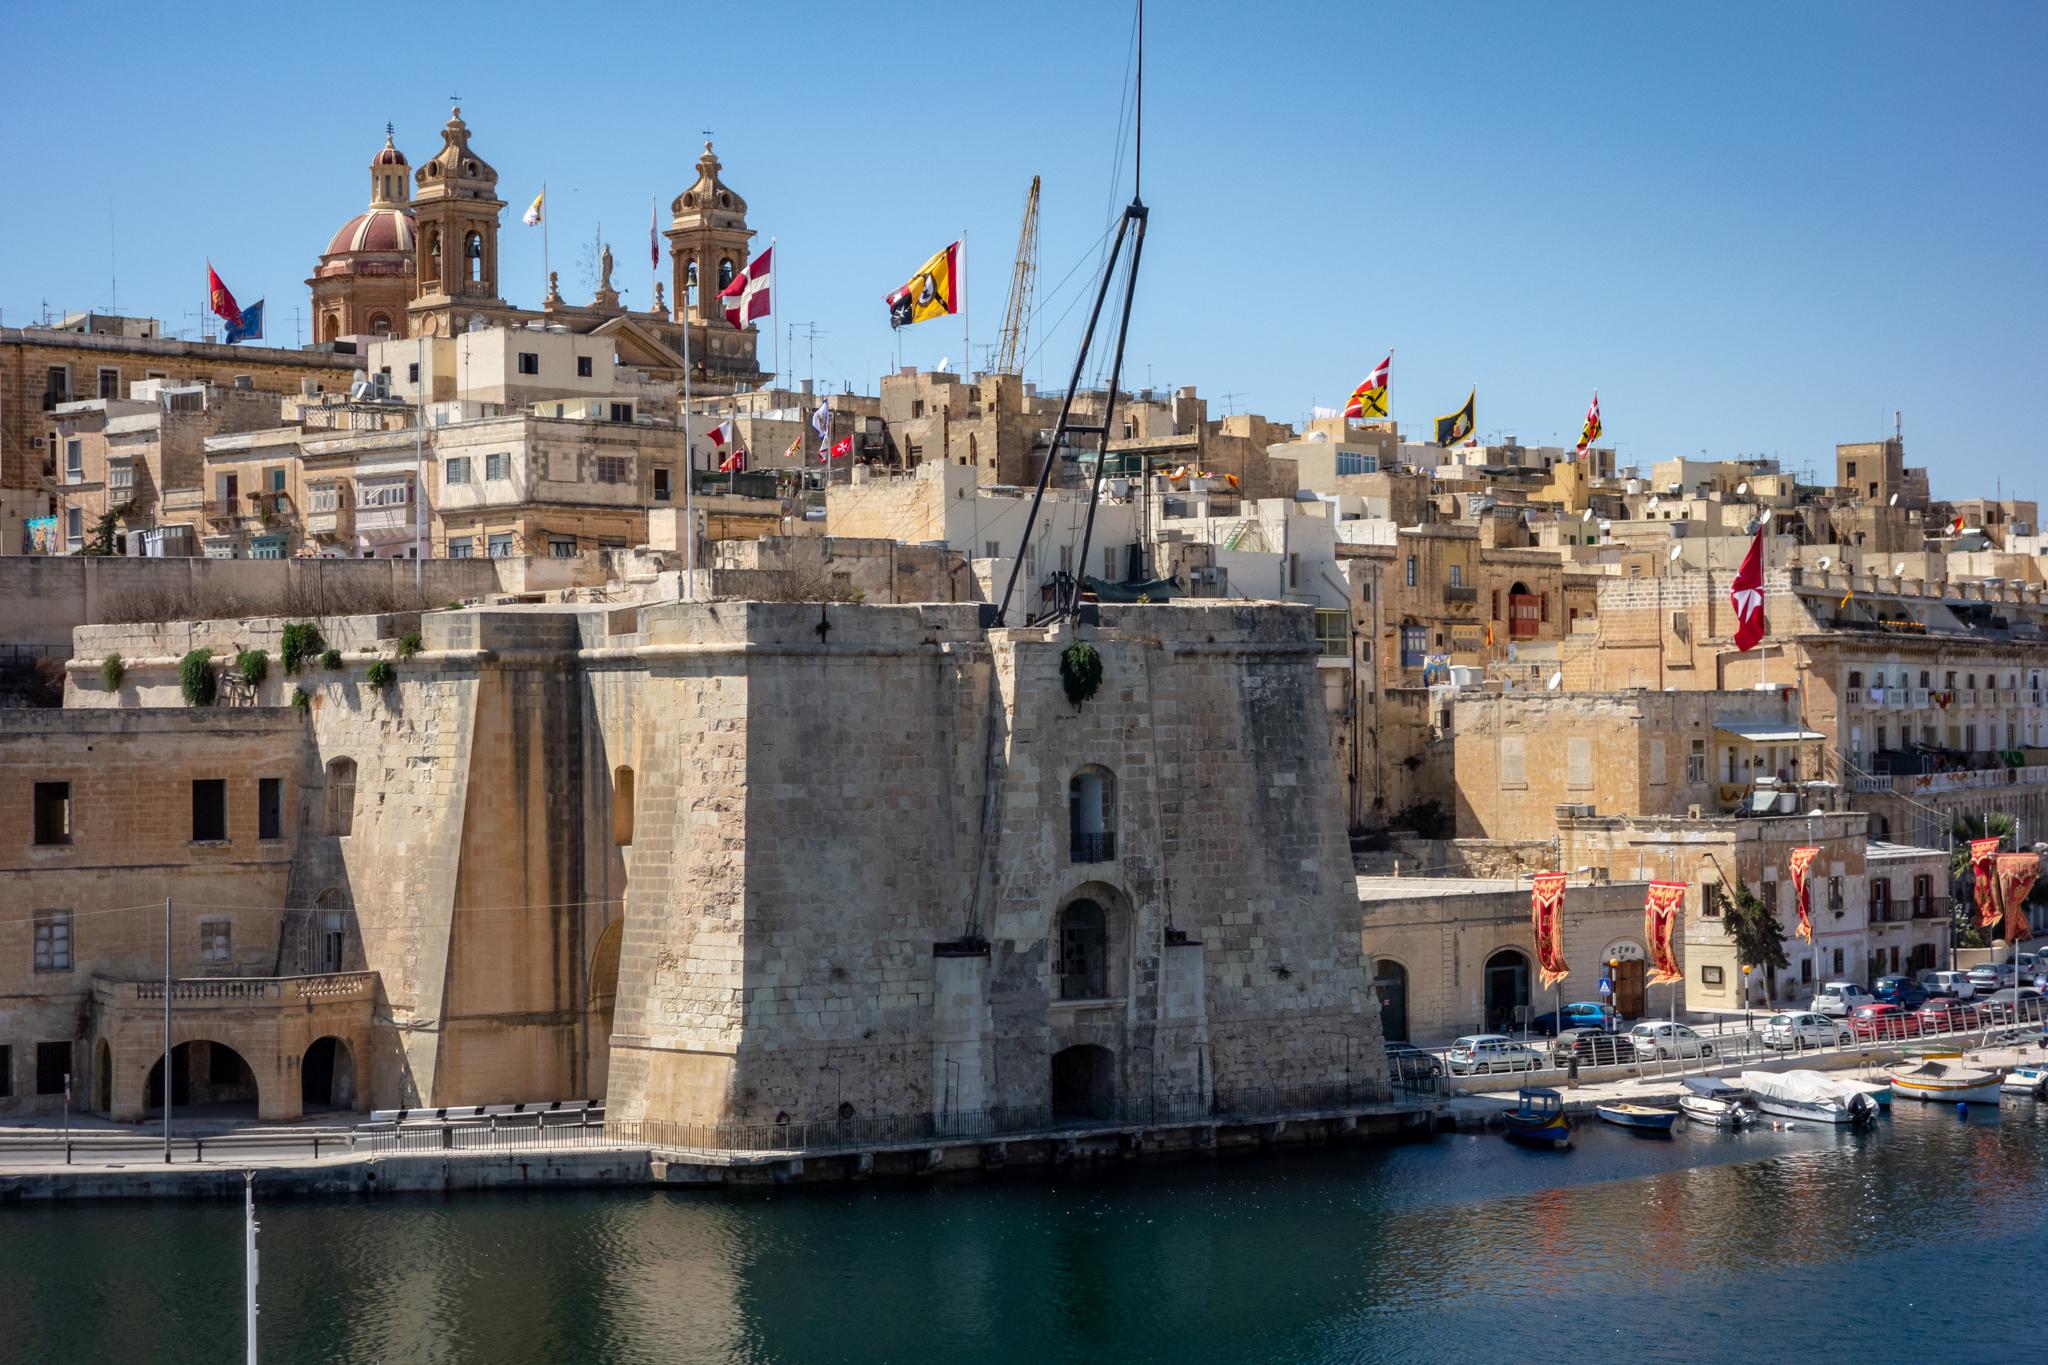 Hier eine Mauer, da eine Festungsanlage und einen Kalender voller Feiertage. Die ehemalige britische Kolonie und der kleinste Staat der EU, Malta, ist etwas, das man sich definitiv mal angeguckt haben kann. Vor allem wenn man das Glück der frühen Anreise hat.